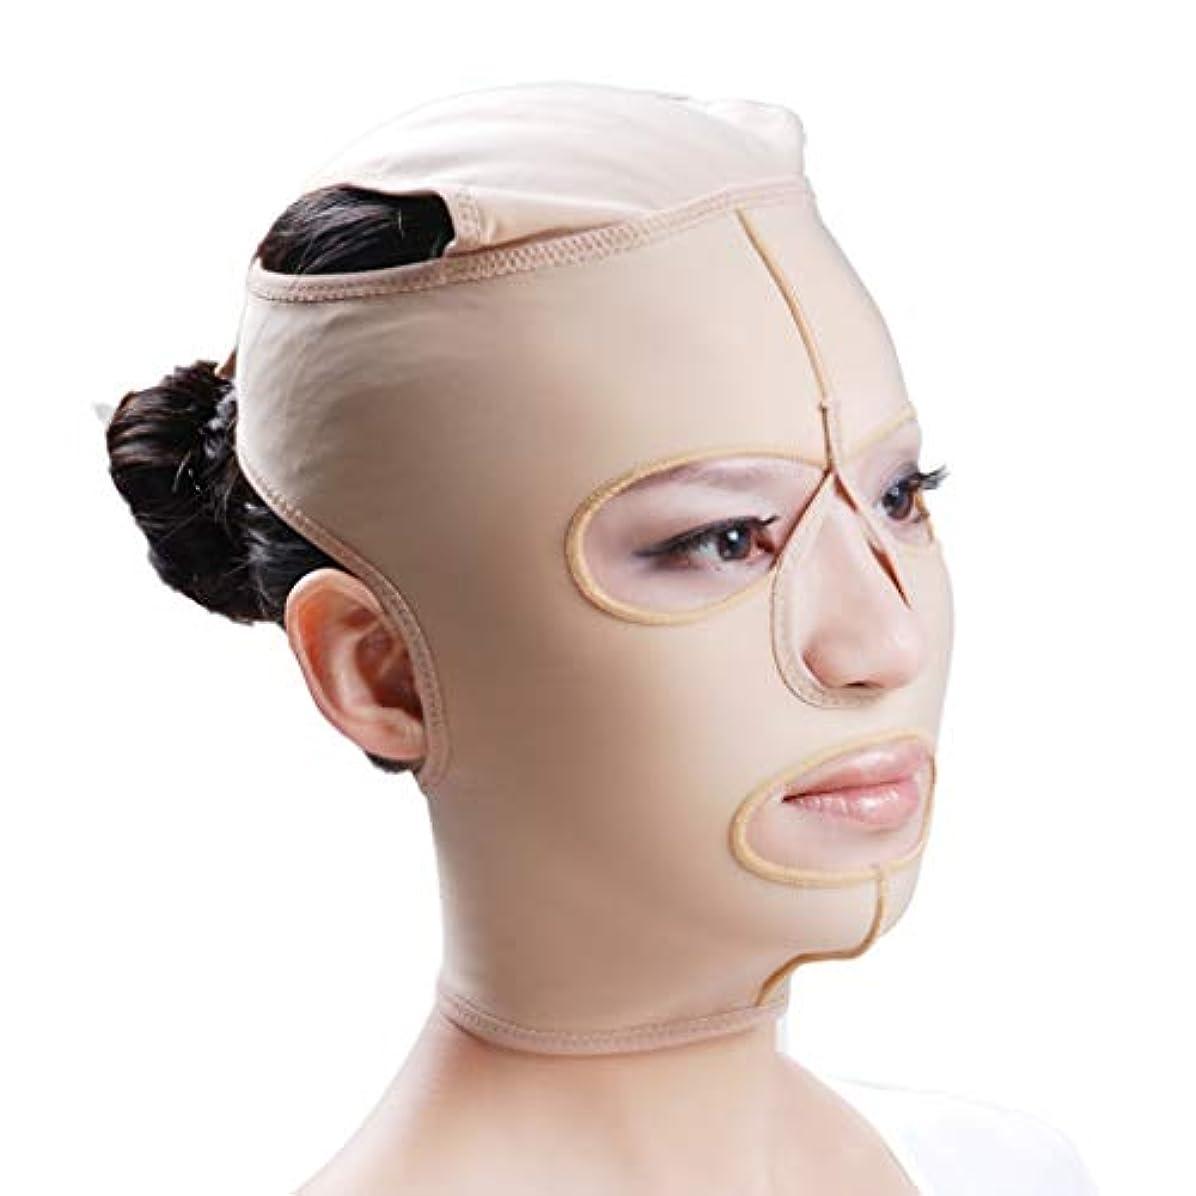 断線補助占めるLJK フェイスリフトマスク、フルフェイスマスク医療グレード圧力フェイスダブルチンプラスチック脂肪吸引術弾性包帯ヘッドギア後の顔の脂肪吸引術 (Size : M)